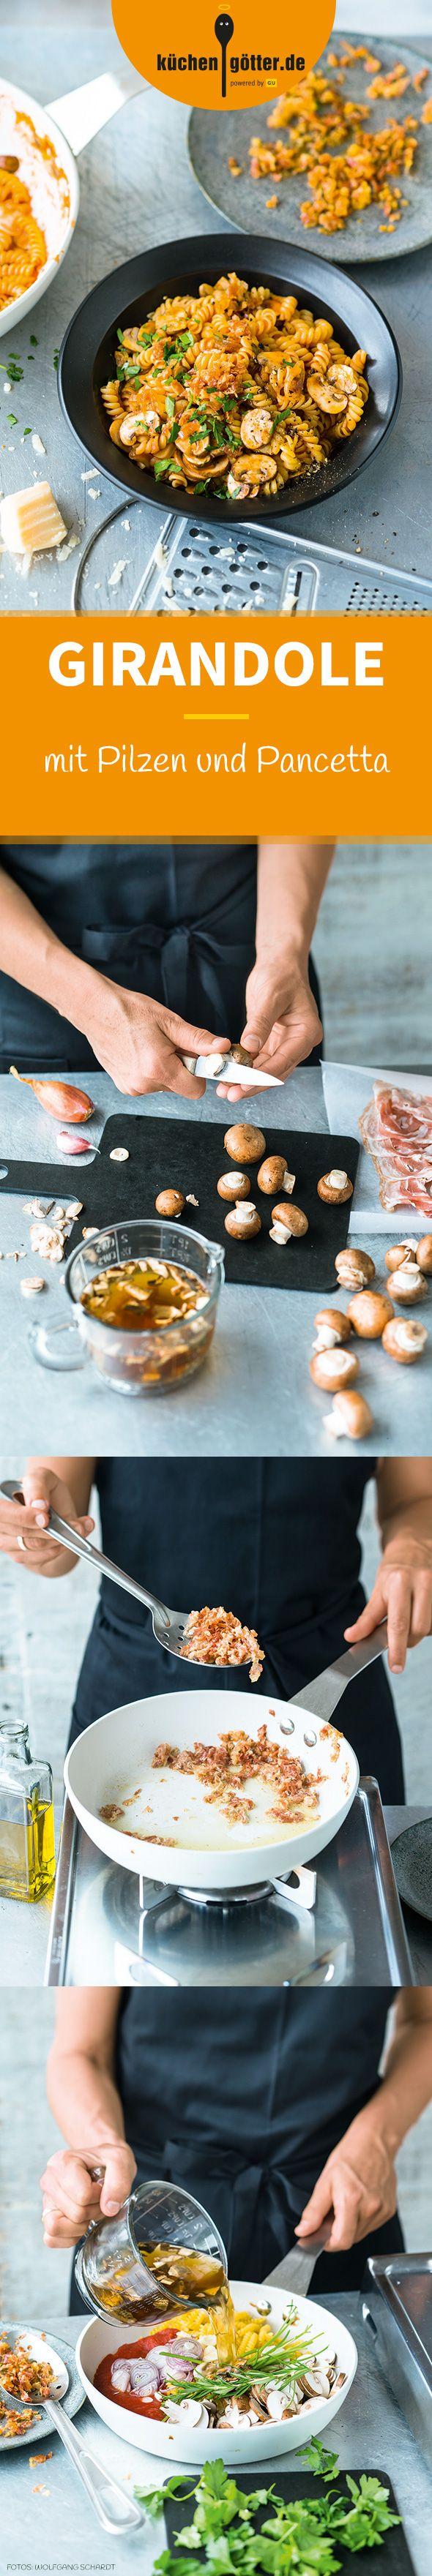 GIRANDOLE AI FUNGHI CON PANCETTA - Unsere Pasta mit Erholungsfaktor überzeugt mit mit einem herrlich intensiven Pilzaroma. Im Sommer kann man frische Pfifferlinge statt Champignons verwenden. Wunderbar!